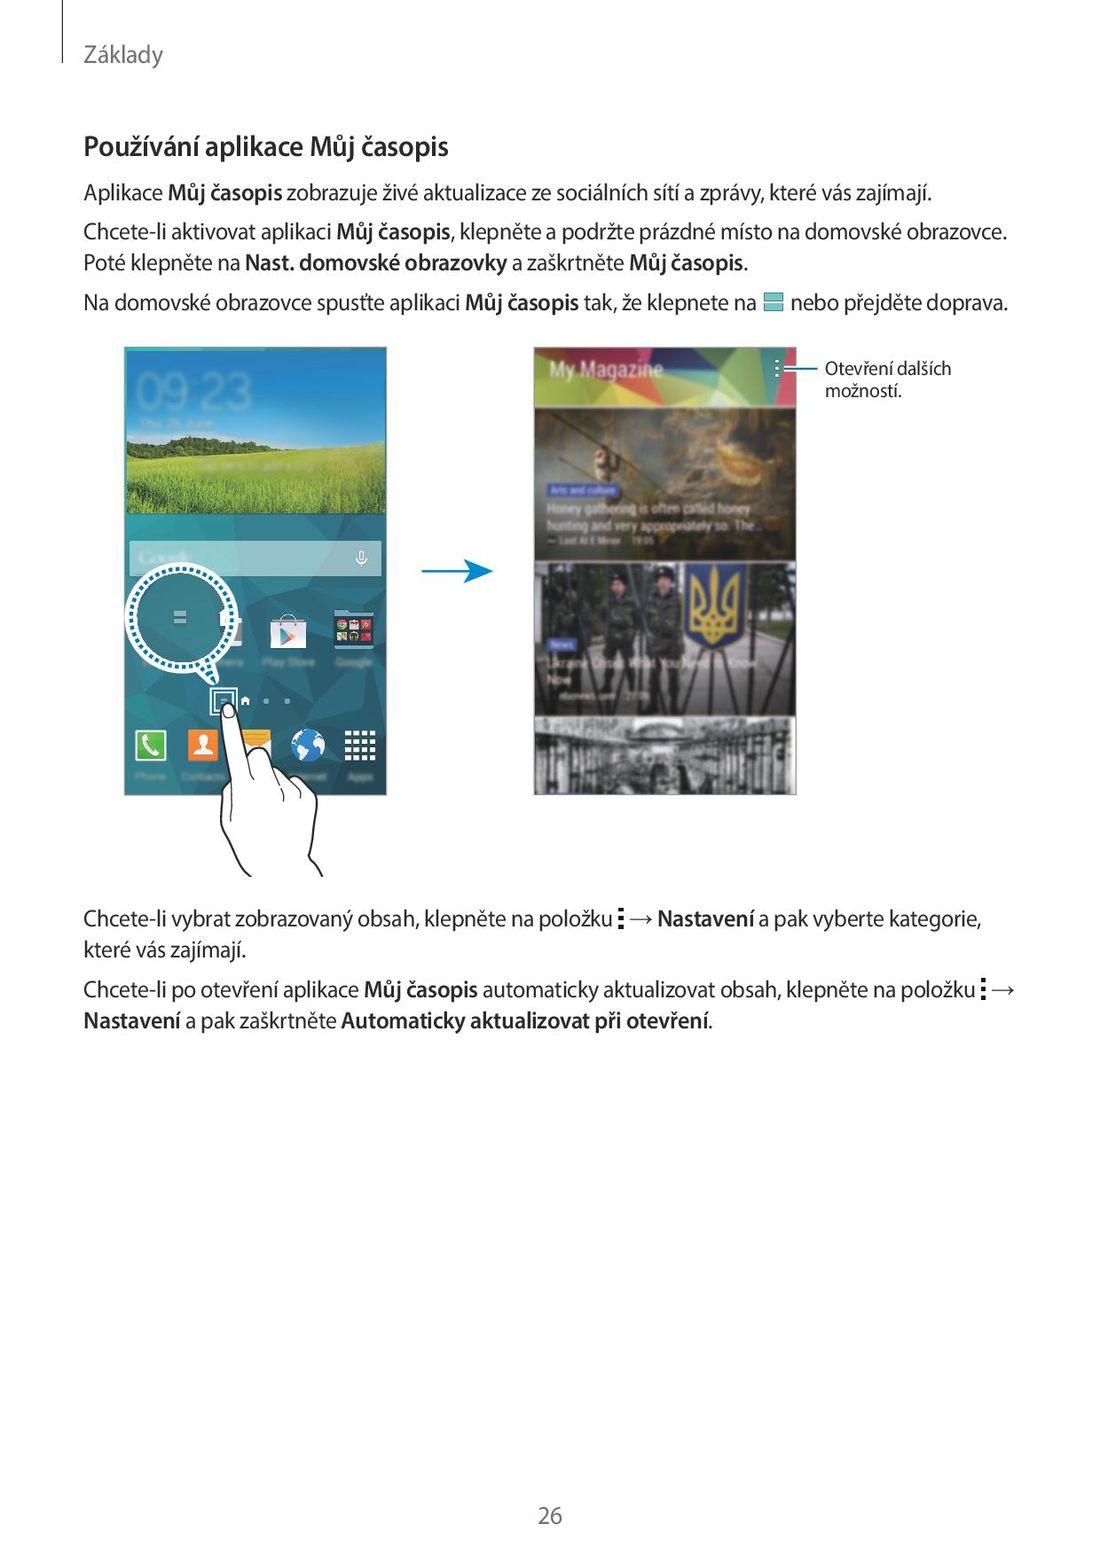 samsung galaxy s5 mini manual pdf download